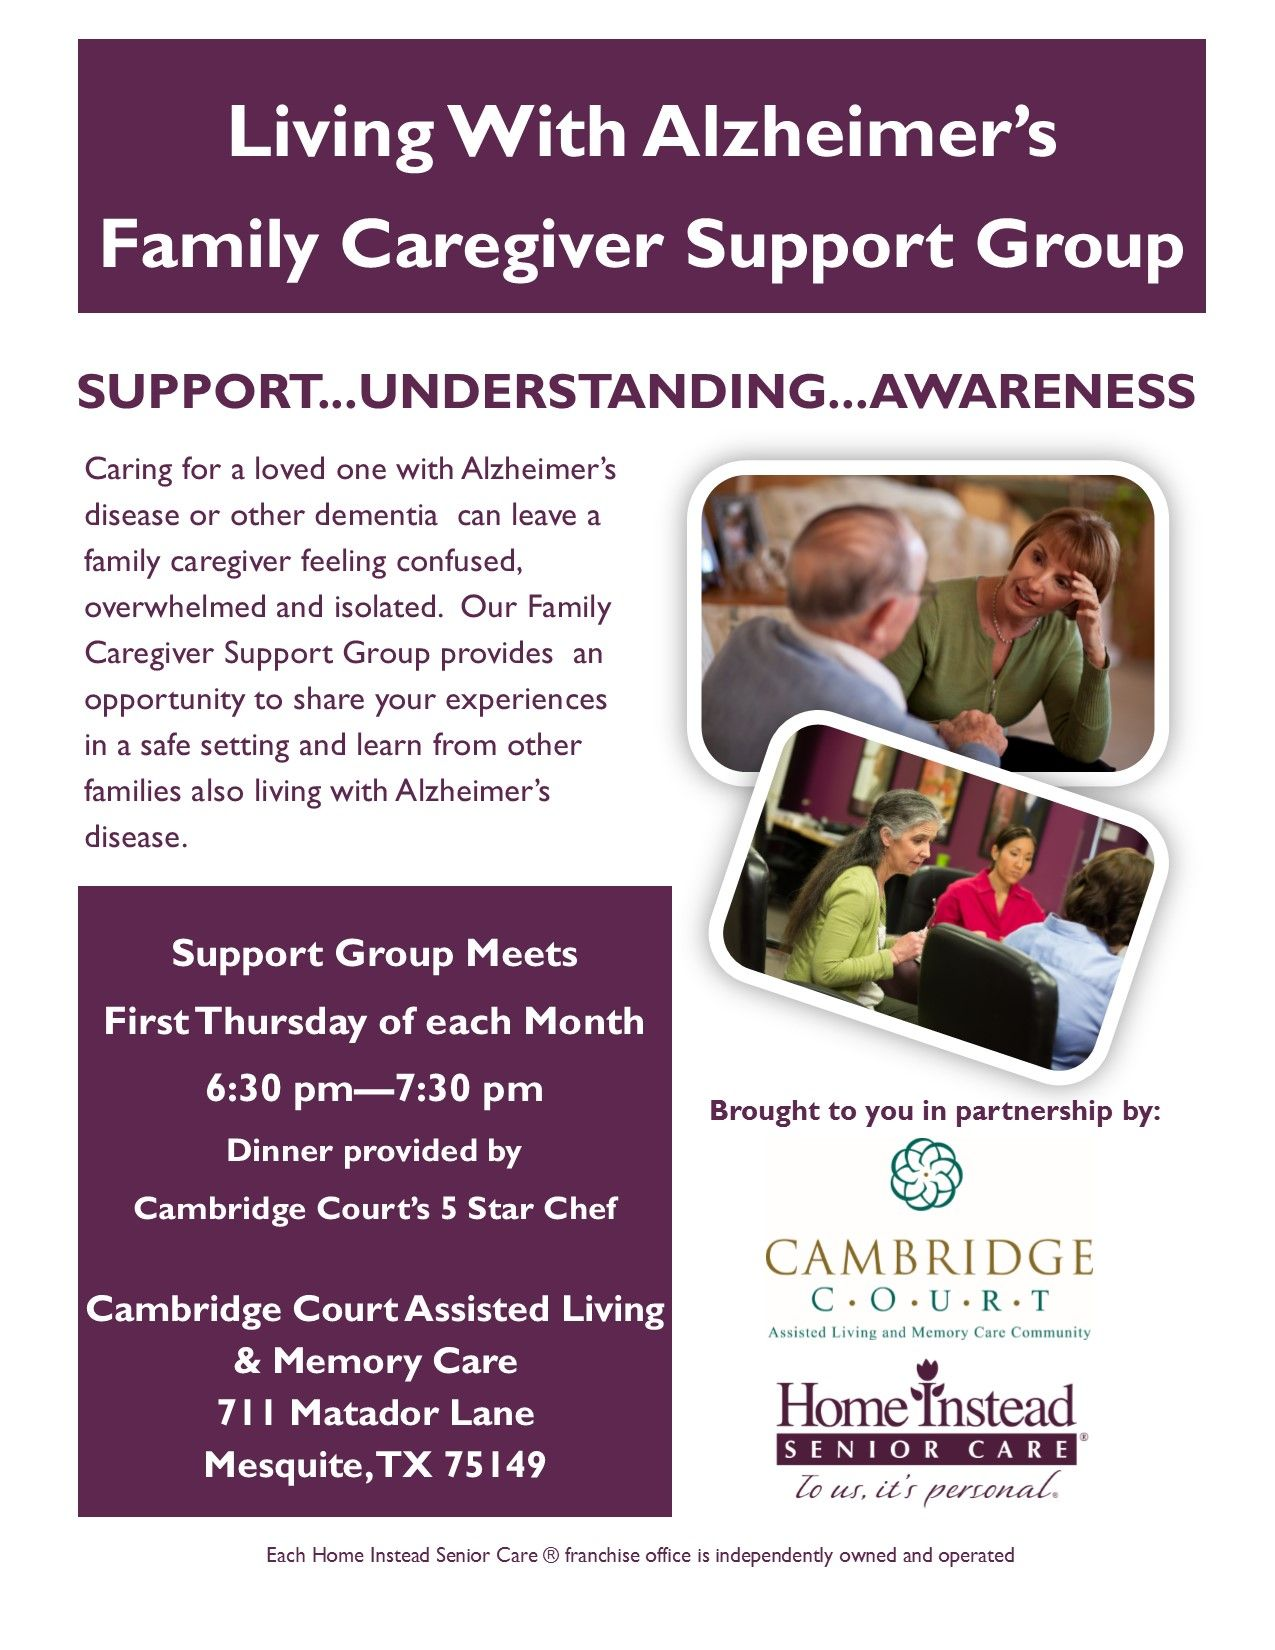 Alzheimer S Family Caregiver Support Group In Mesquite Tx On Thursday November 3rd Caregiver Support Caregiver Support Group Support Group